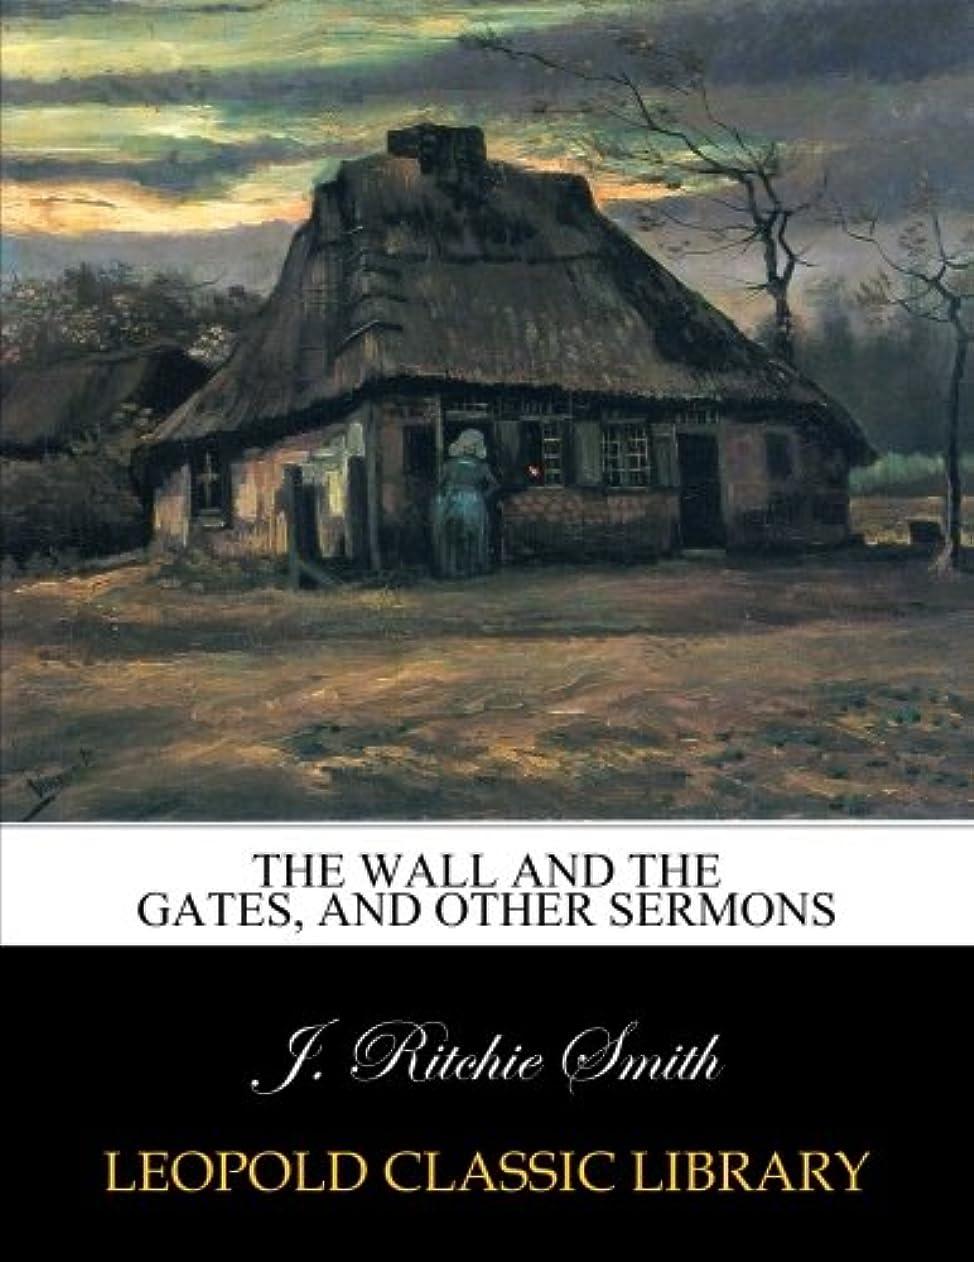 三角学習者定義するThe wall and the gates, and other sermons